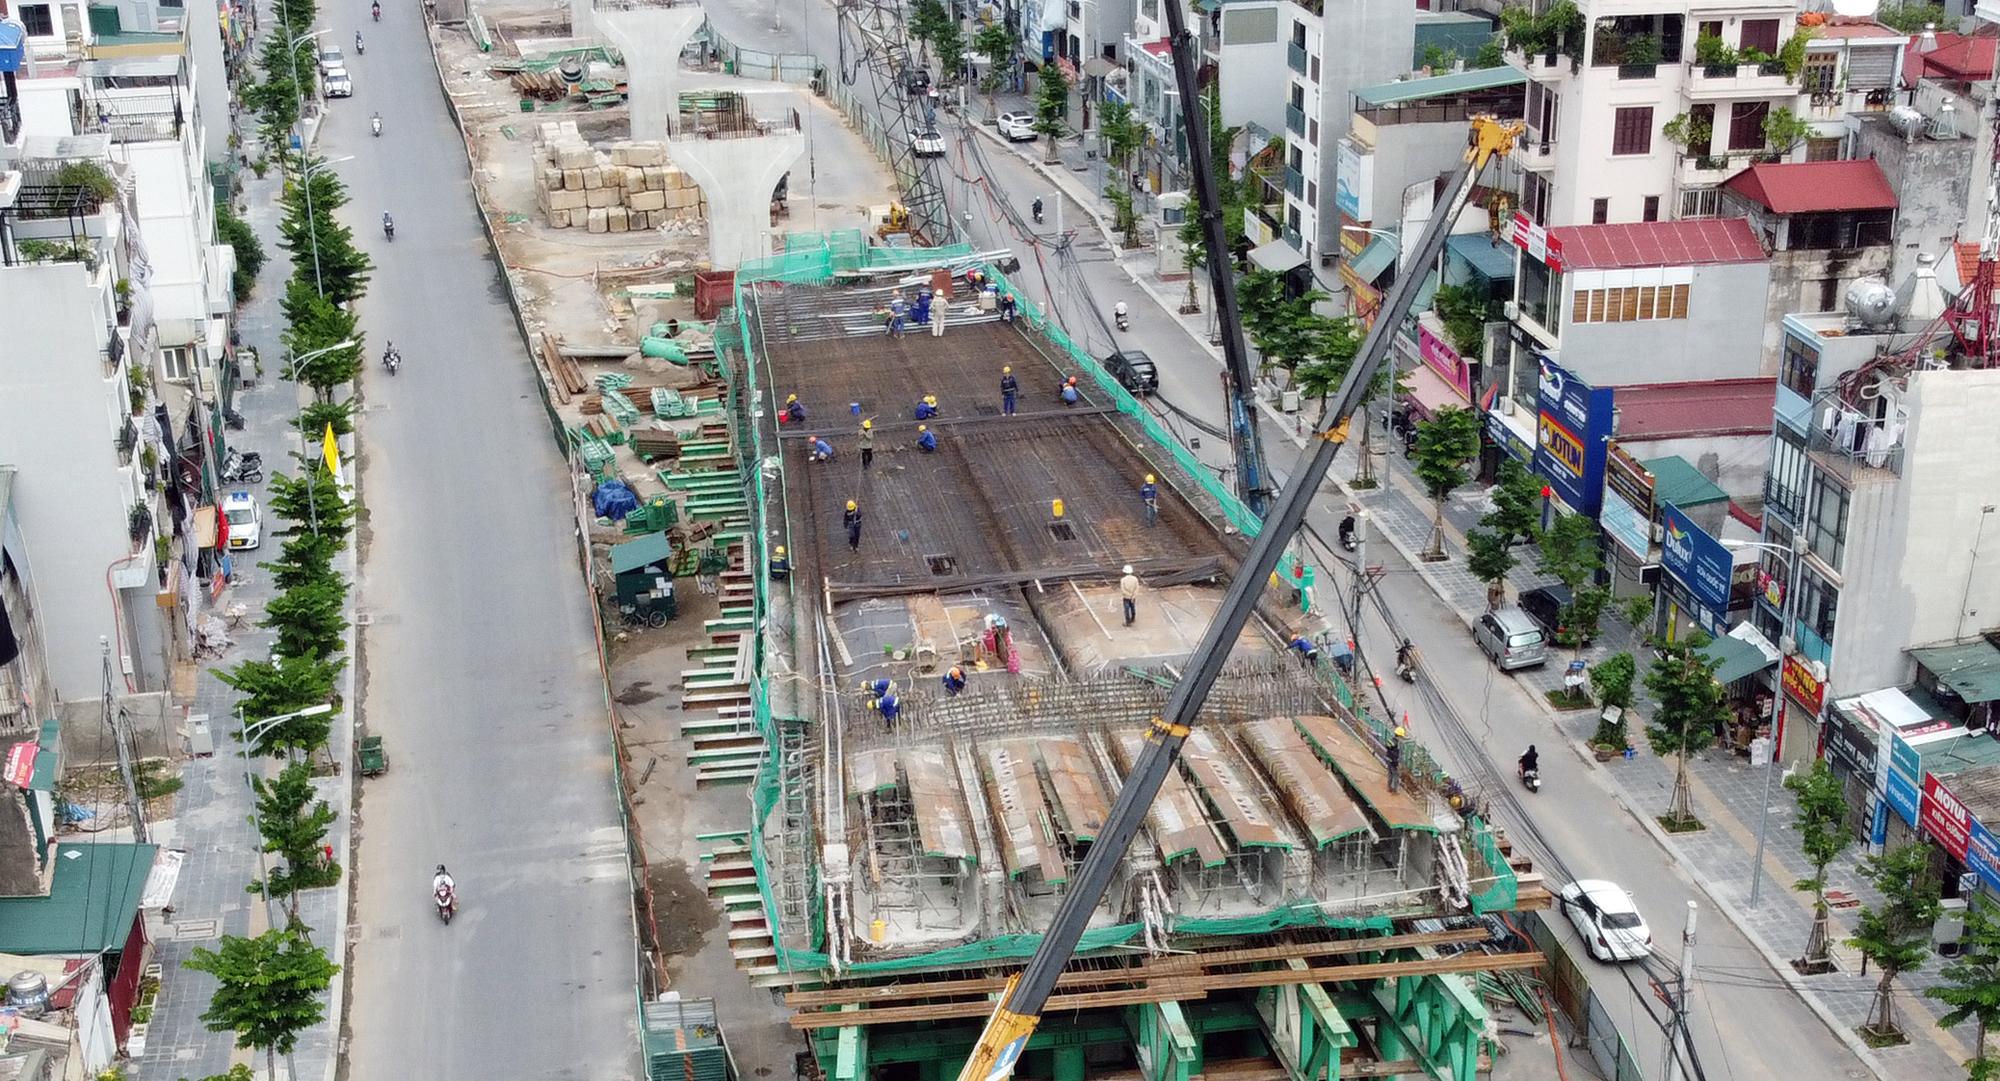 Hình ảnh dự án giao thông trọng điểm của Hà Nội thi công khi giãn cách xã hội - Ảnh 10.